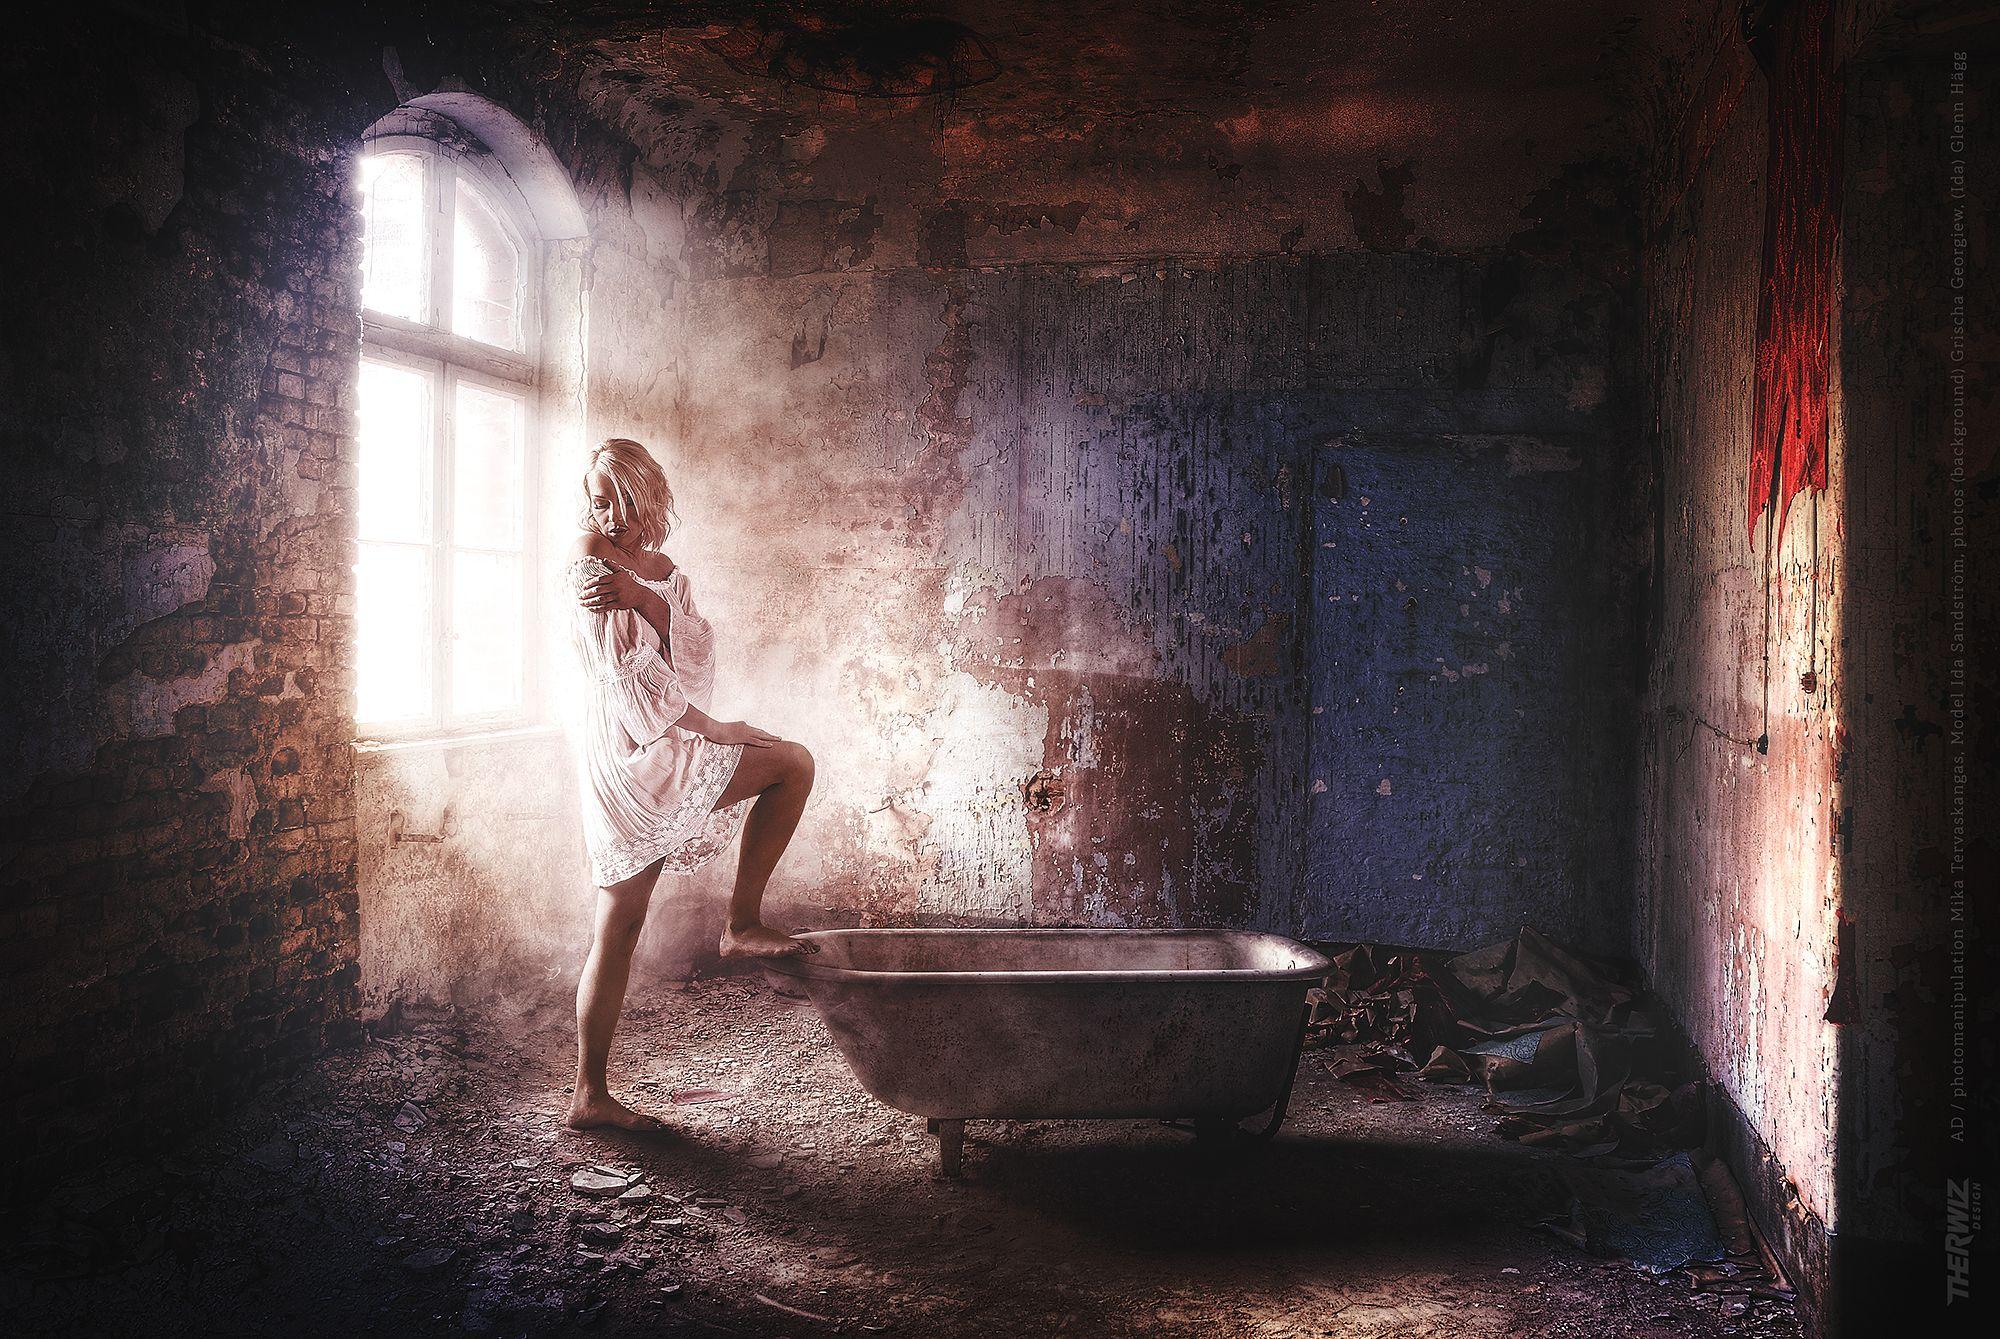 Ida Sandström model photo, lightning, bathroom, sensitive, woman, photo manipulation Mika Tervaskangas / Therwiz Design / Glenn Hägg. Kylpyhuone, nainen, mallikuvaus, malli, kuvamanipulaatio, kuvankäsittely, photoshop, kuva, ulkoasu Mika Tervaskangas / Therwiz Design. #Therwiz #MikaTervaskangas #TherwizDesign #layout #photo #photomanipulation #kylpyhuone #oldstyle #nainen #bathroom